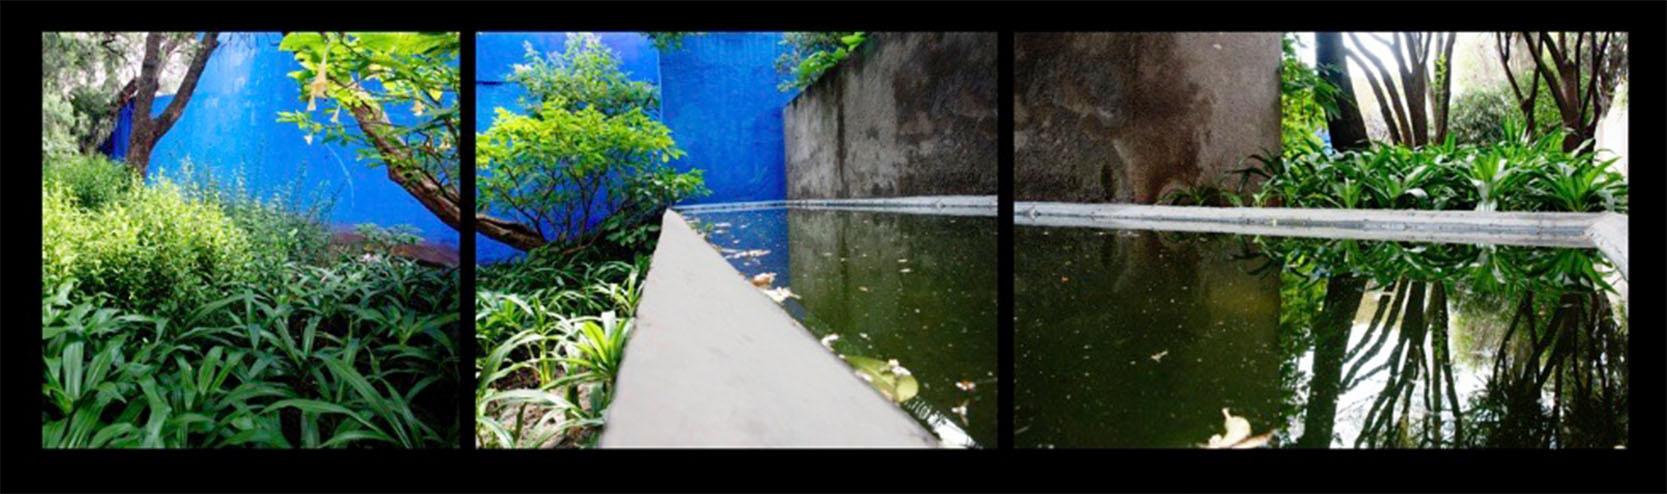 Jardín 17. La intervención de un poema en verde